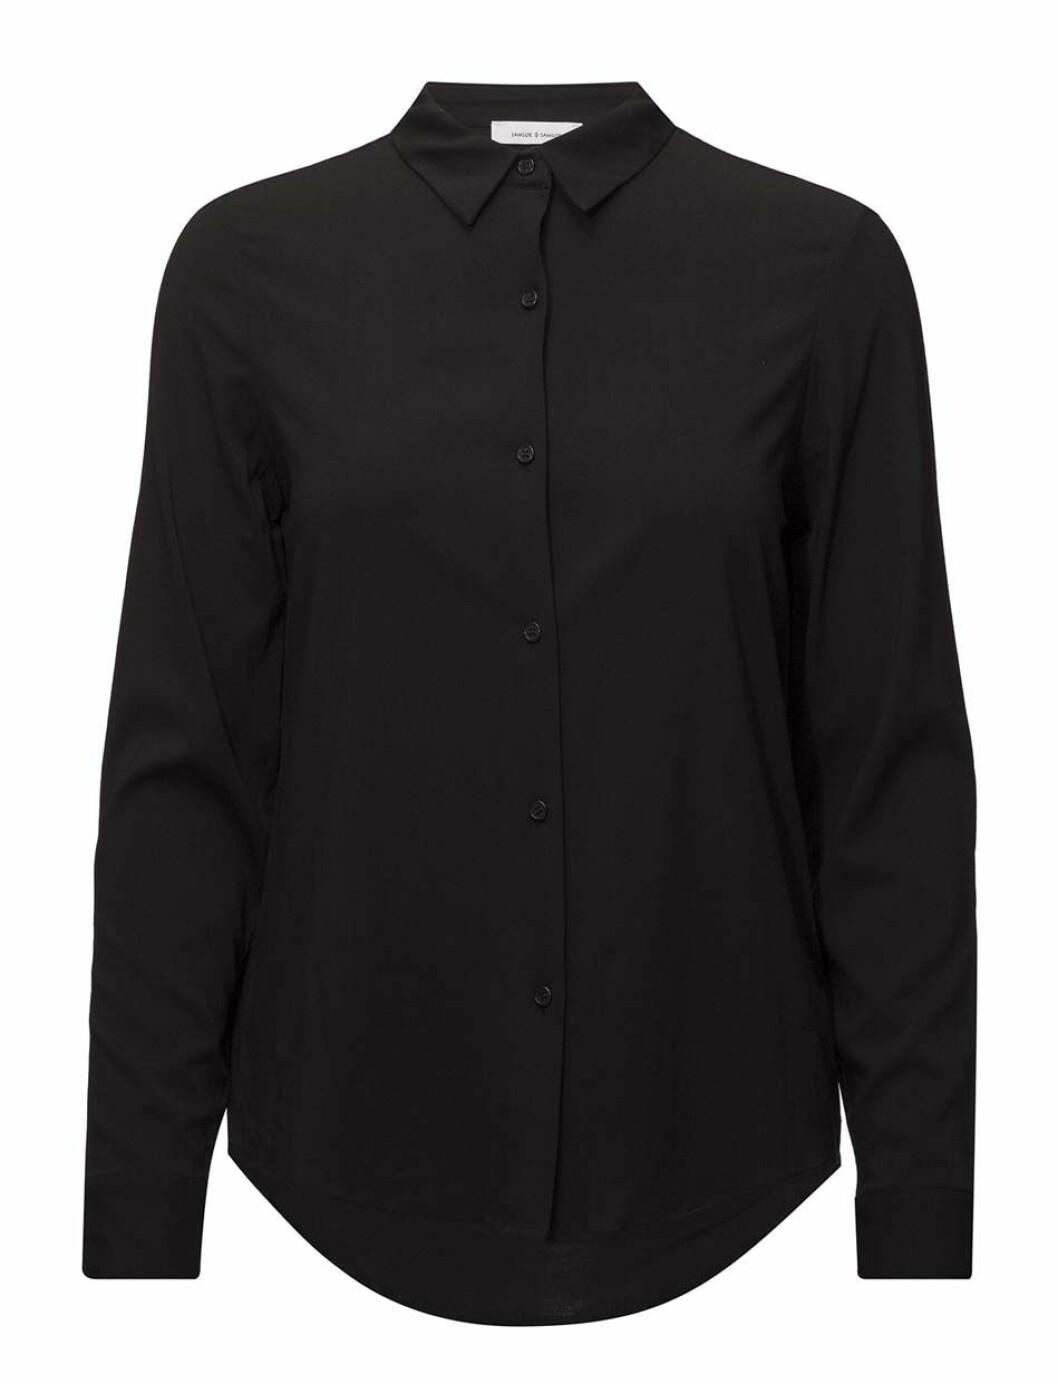 Skjorta från Samsoe Samsoe, läs mer och köp här.